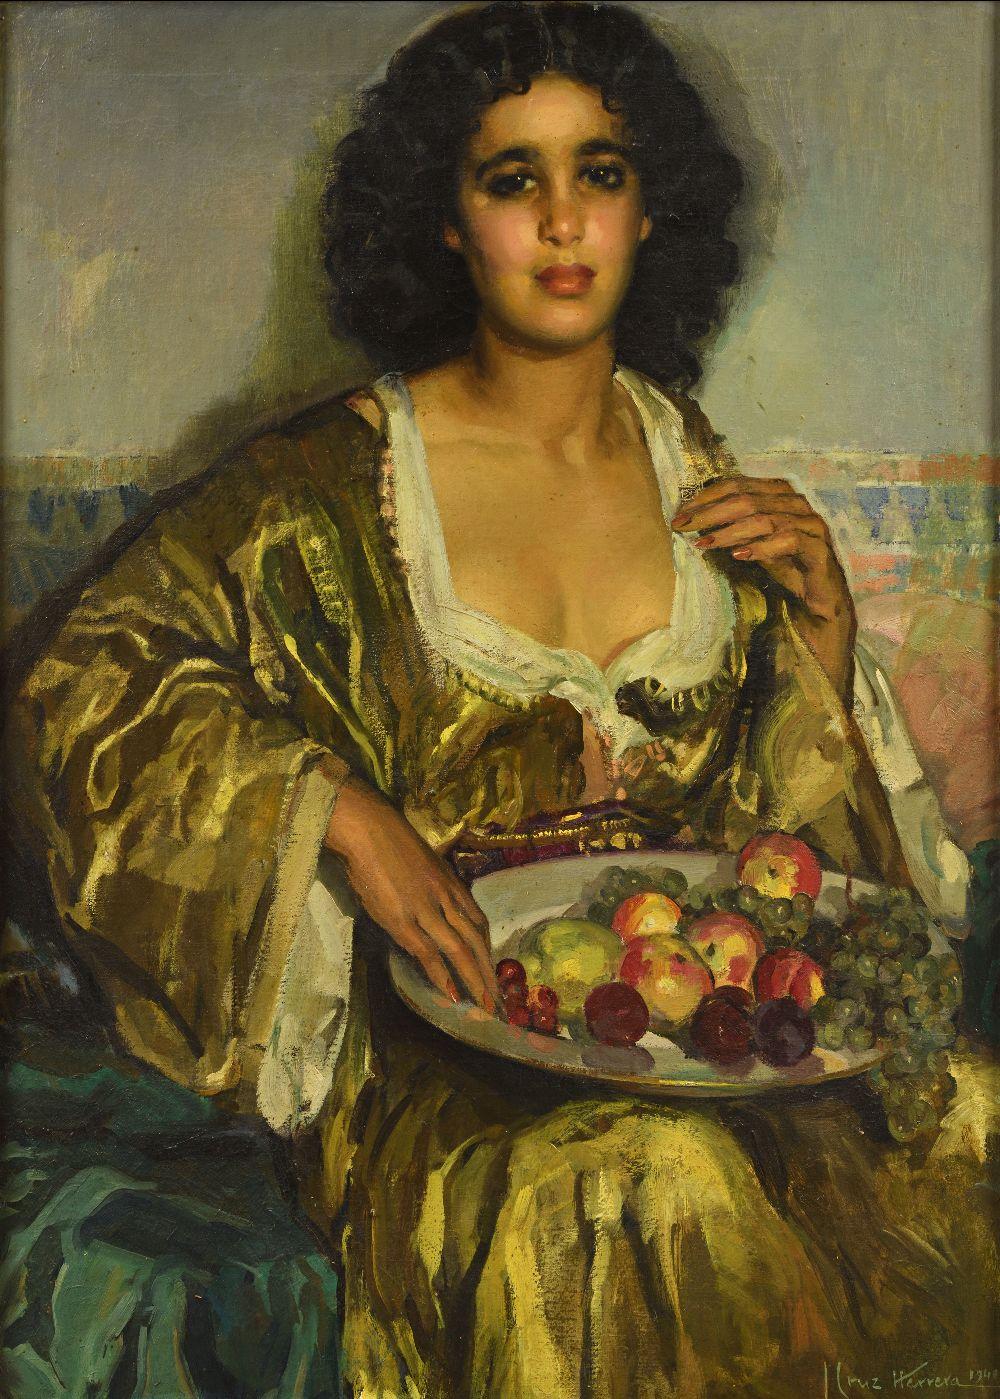 José CRUZ-HERRERA (La Linea de la Concepcion 1890-Casablanca 1972)Jeune fille au caftan jaune et à